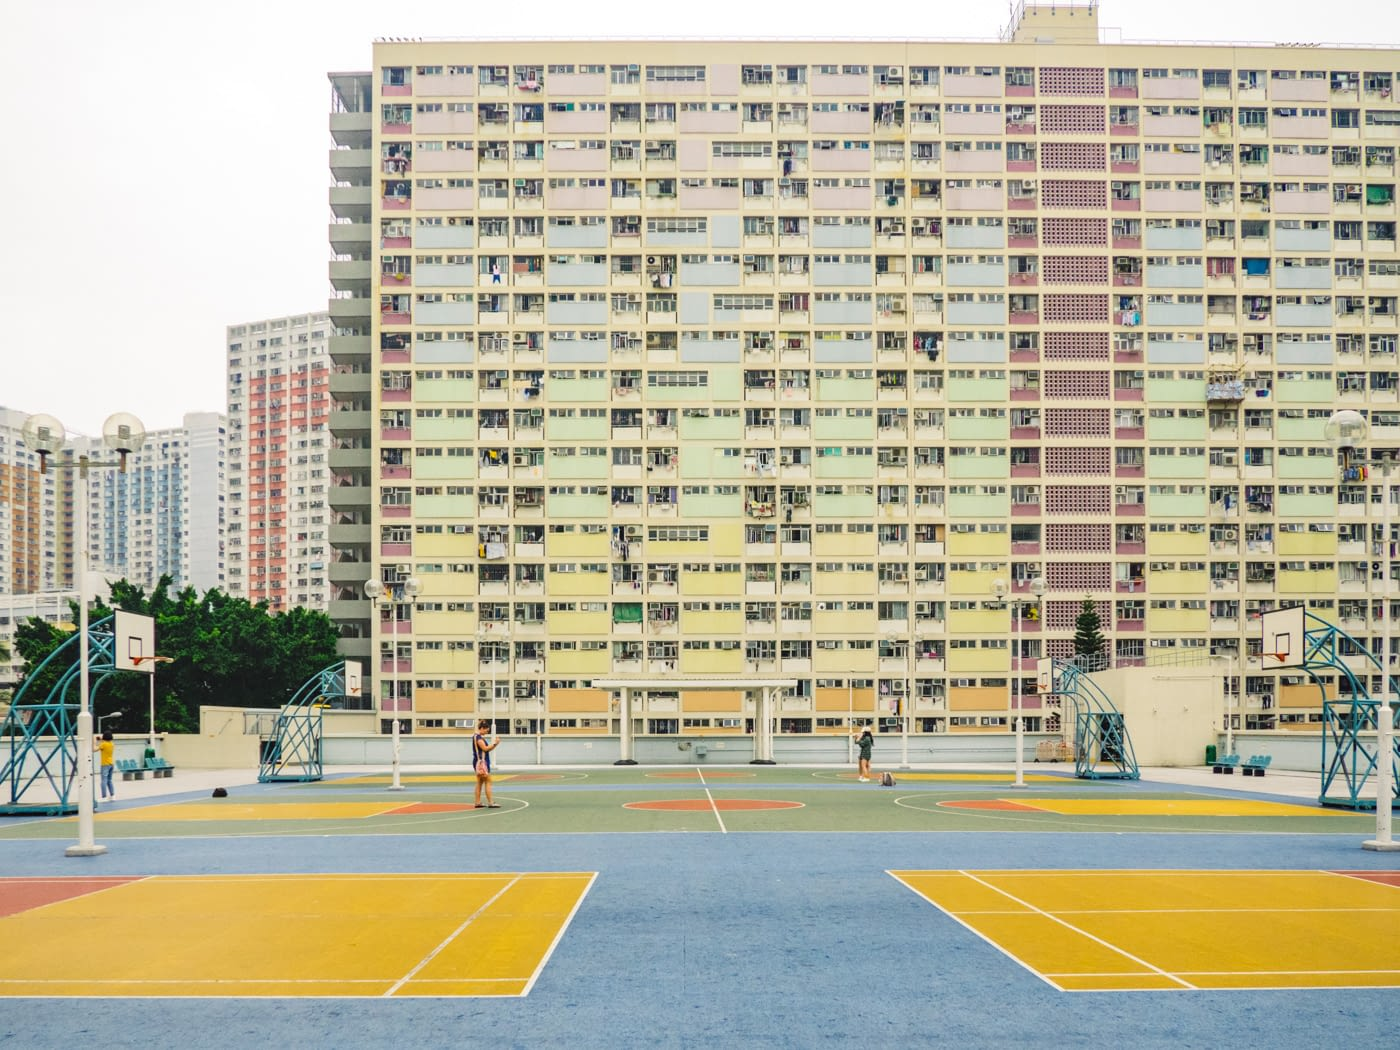 Hong Kong - Rainbow Estate - Basketball court full view